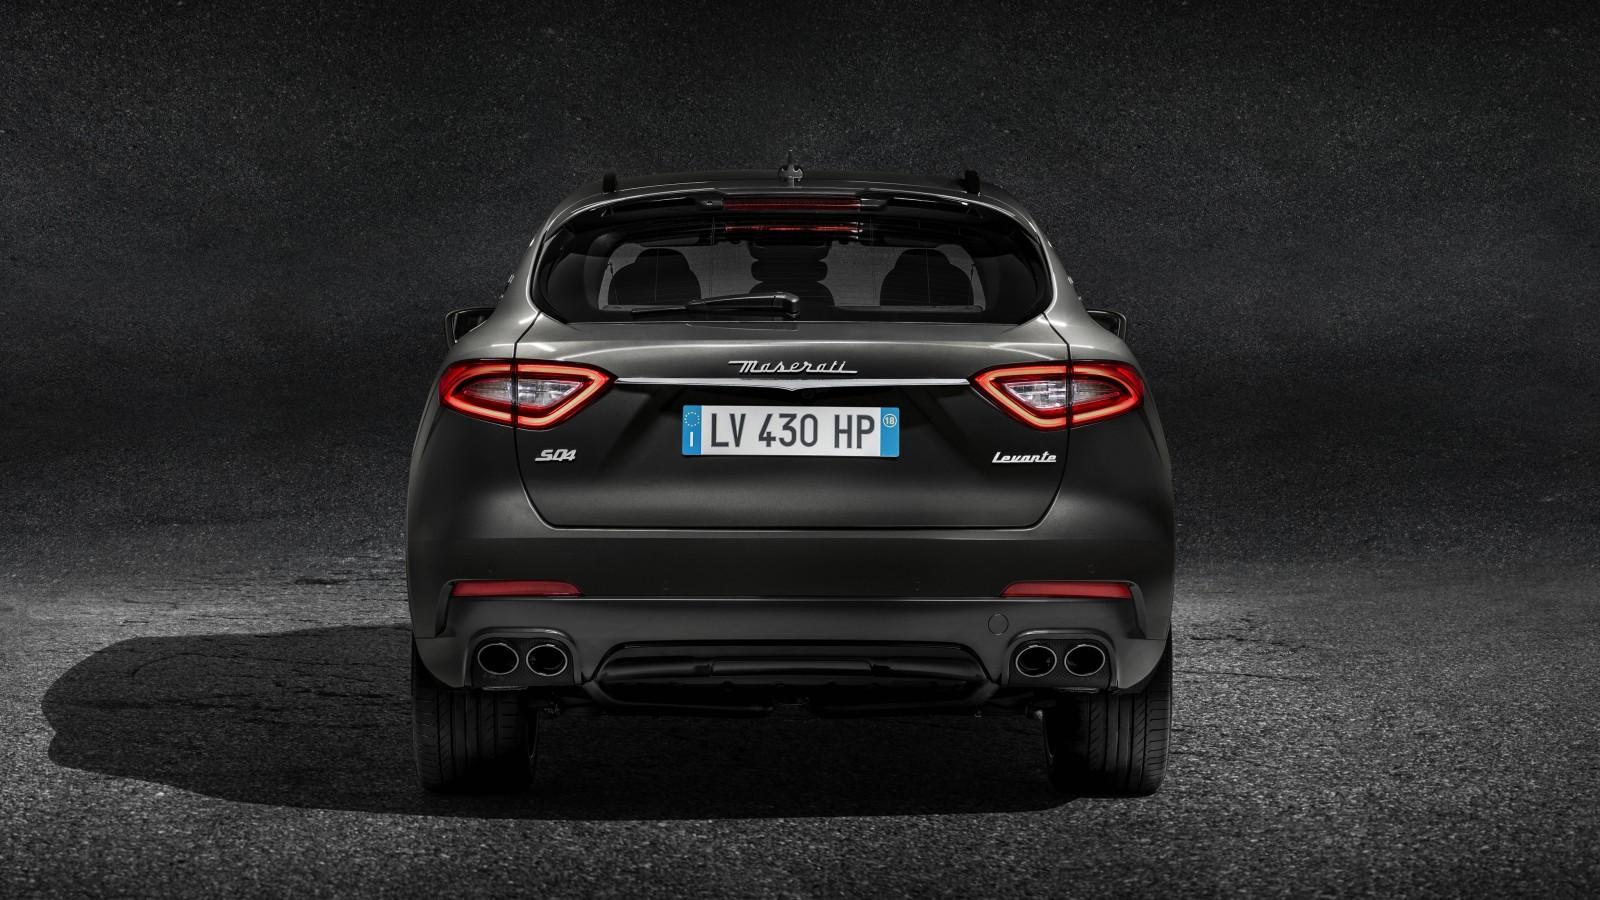 2018 maserati levante s q4 gransport 2 wallpaper hd car wallpapers id 8529 - Maserati levante wallpaper ...